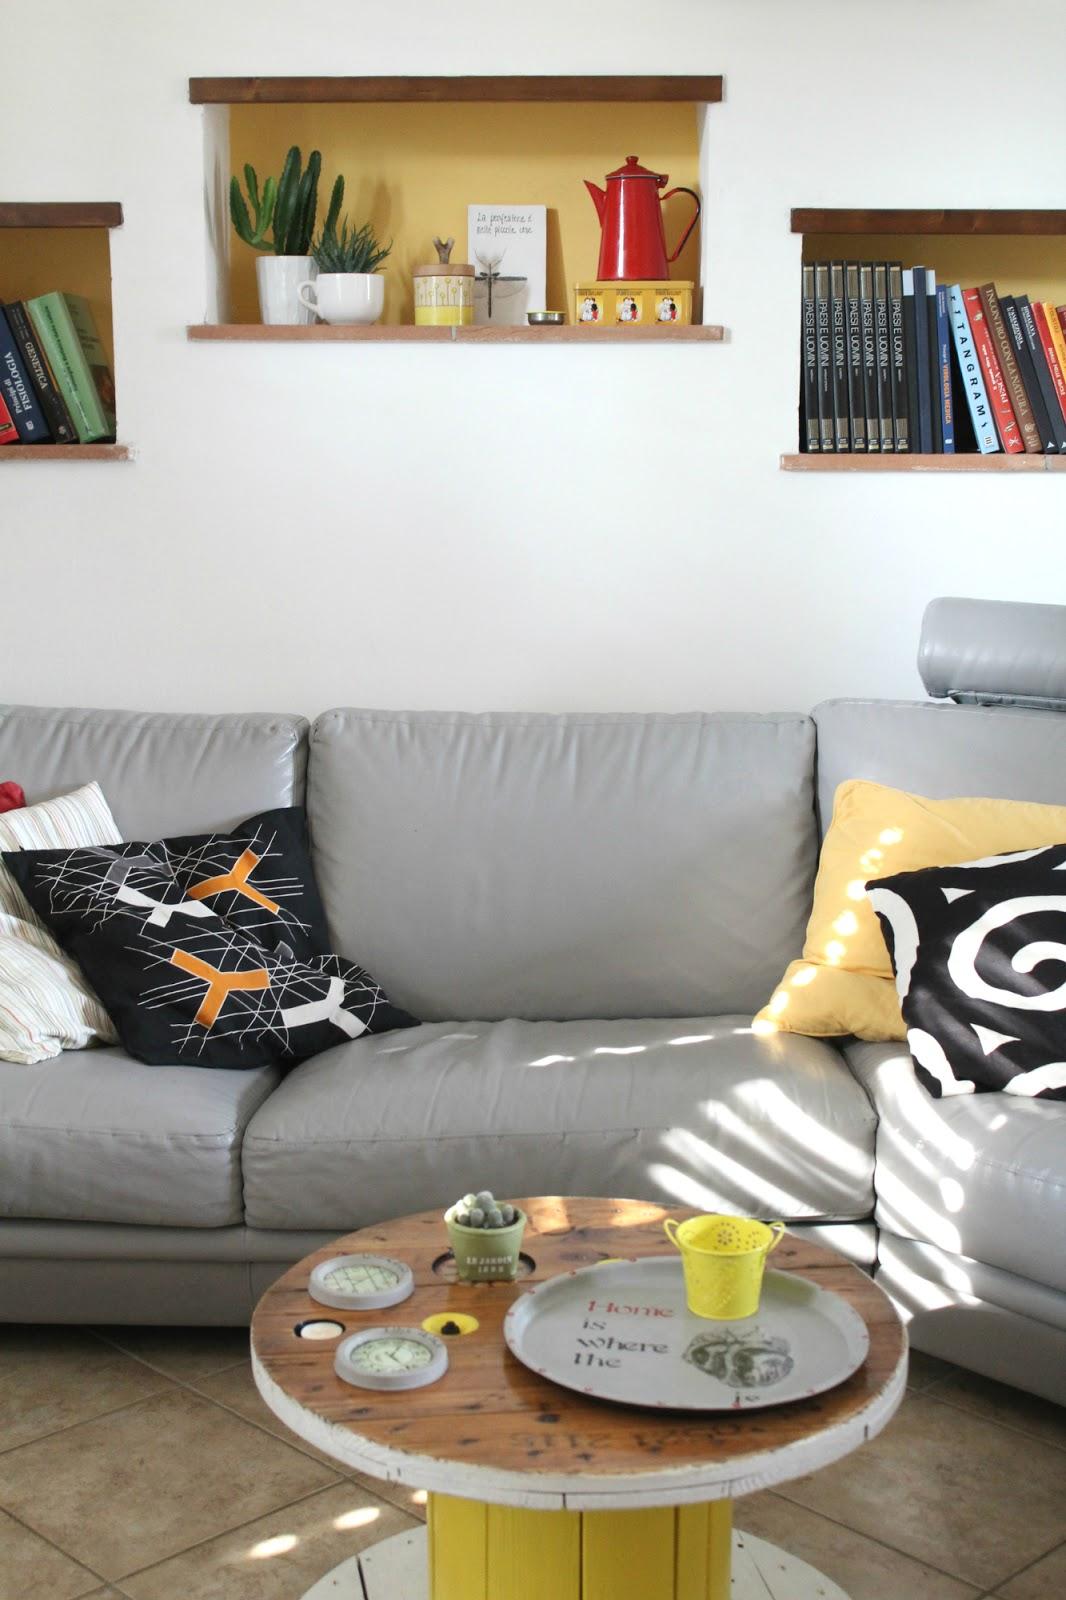 Vivere a piedi nudi living barefoot come ho dipinto il mio divano diy epicfail o epicwin - Il divano scomodo ...